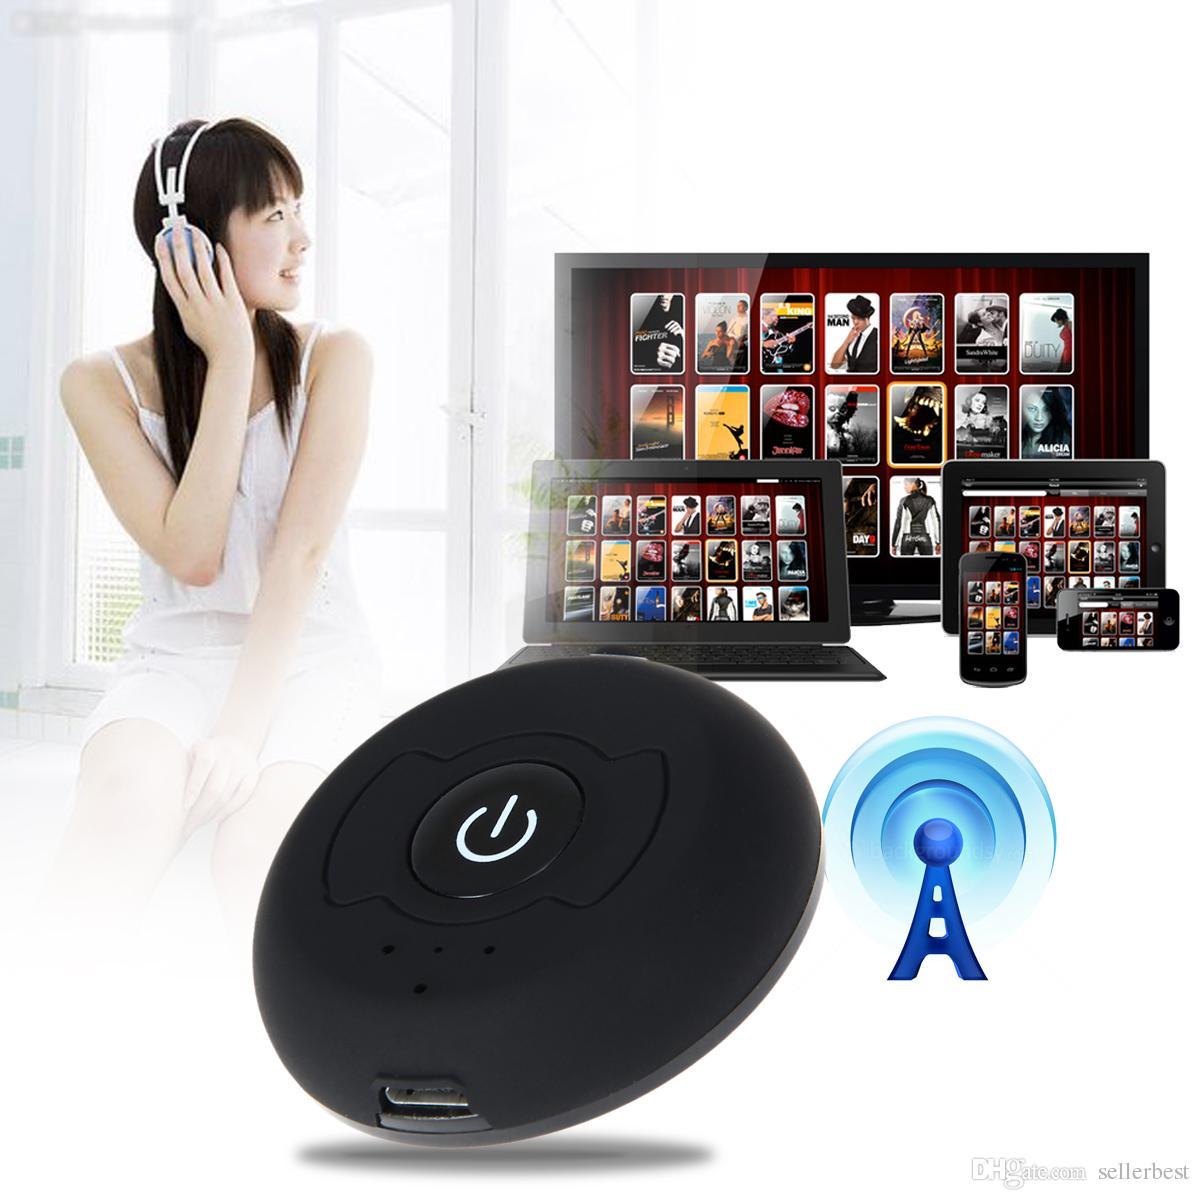 1x2 Splitter Mehrpunkt Wireless Audio Bluetooth Sender Musik Stereo Dongle Adapter für TV Smart PC DVD MP3 H-366T Bluetooth 4.0 A2DP